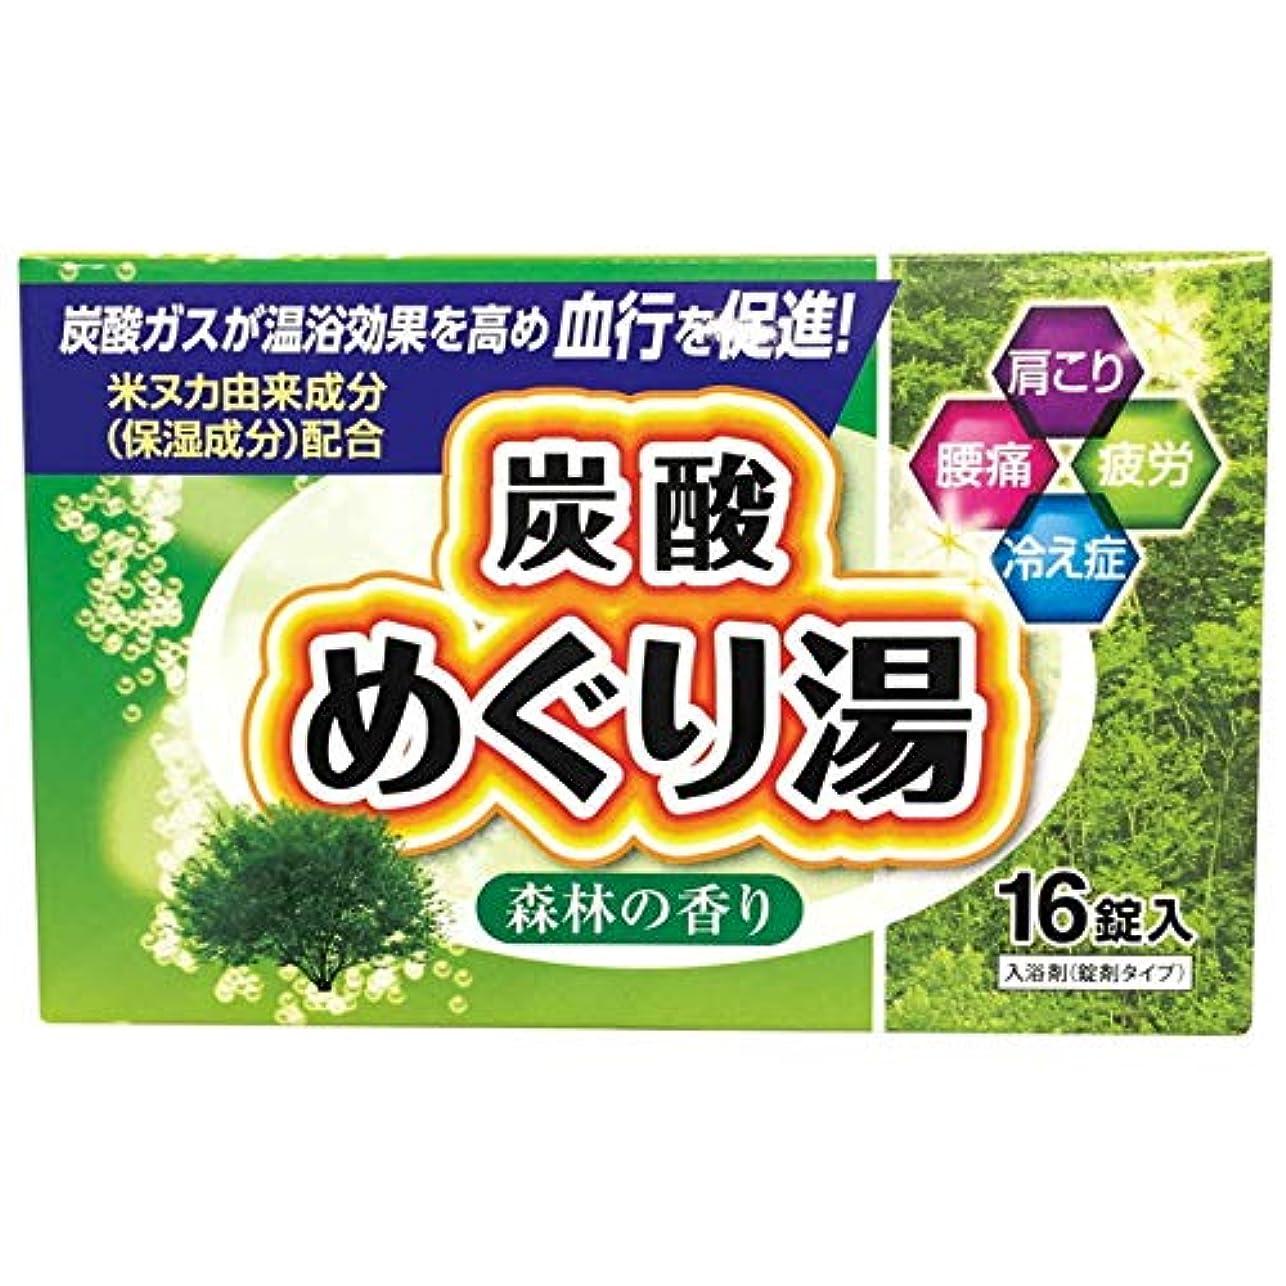 誘導共同選択腐敗した炭酸めぐり湯 森林の香り 16錠